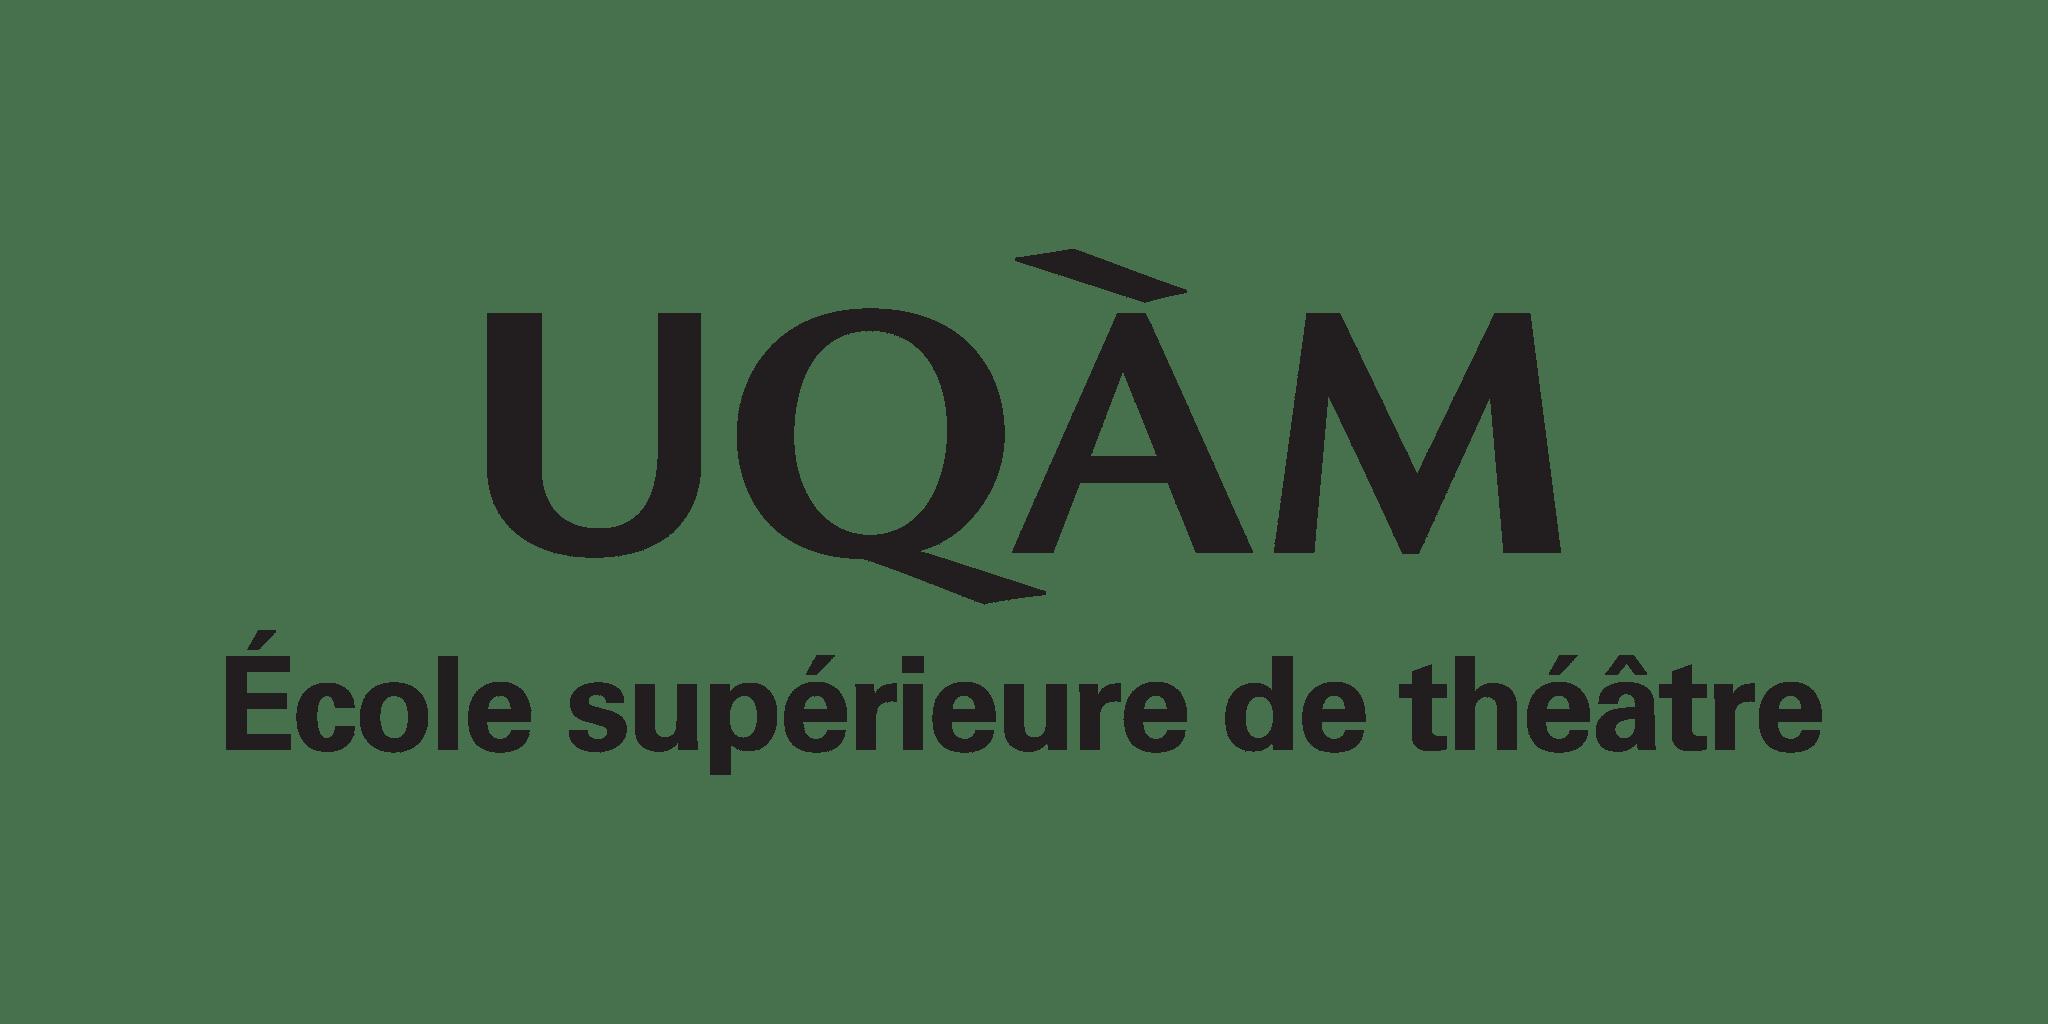 UQAM – École supérieure de théâtre